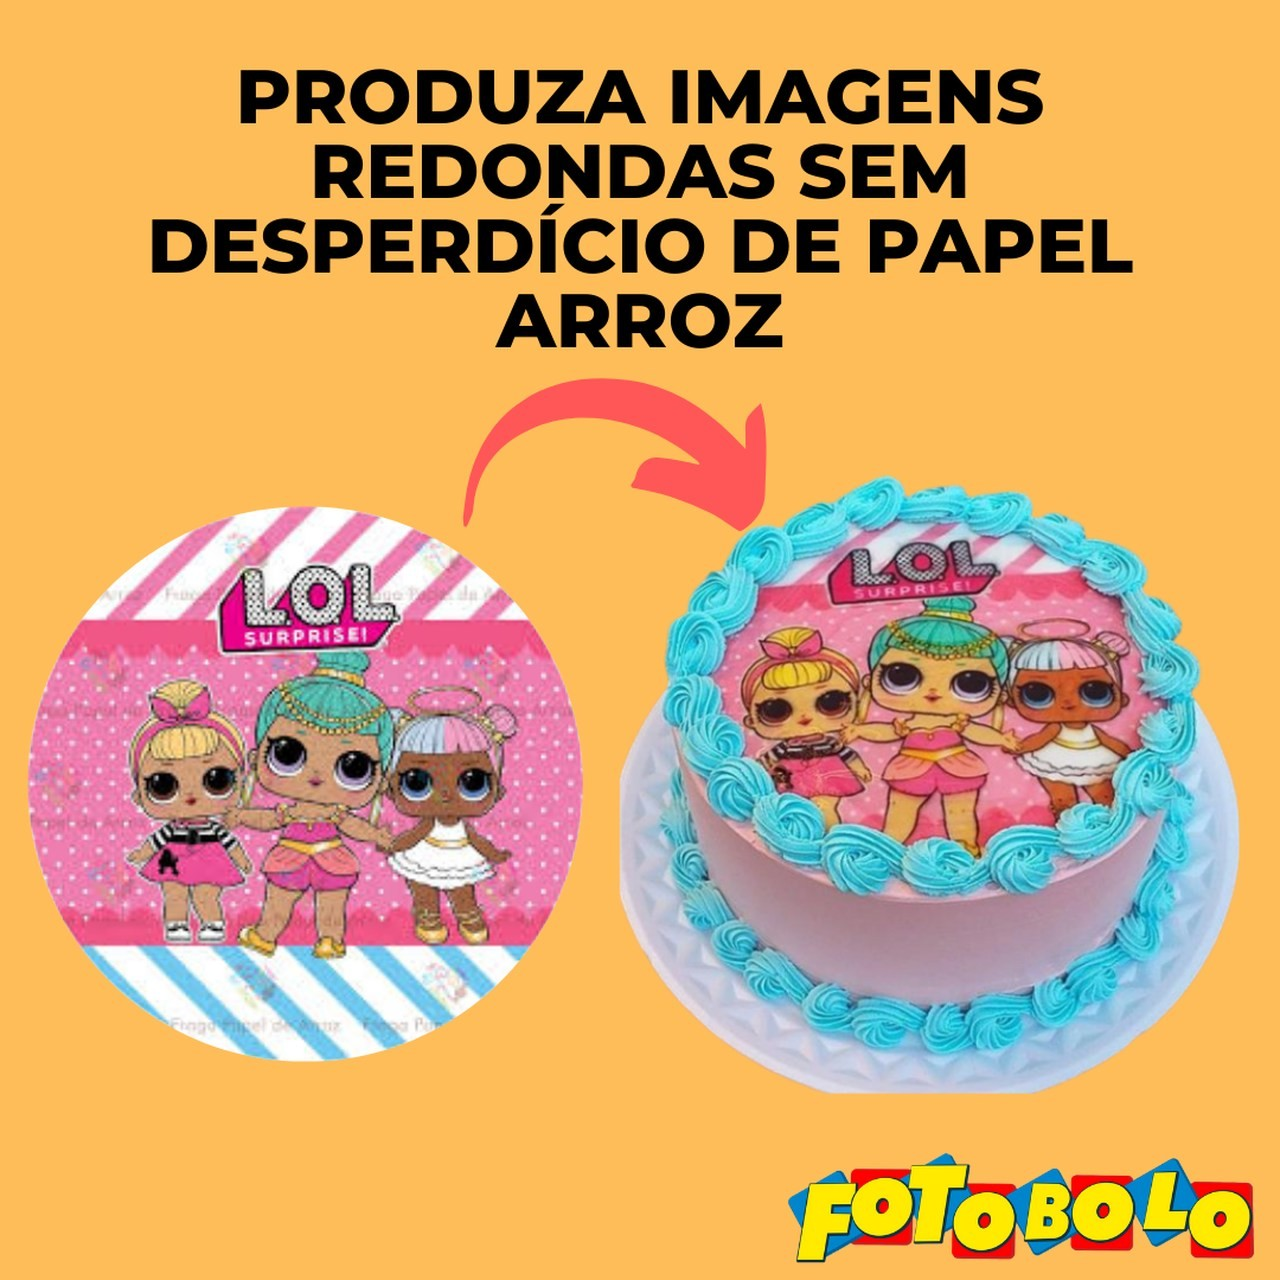 Papel Arroz para Tortas e Bolos Redondos (21X22CM) - Embalado a vácuo - 4 Pacotes com 50 Folhas